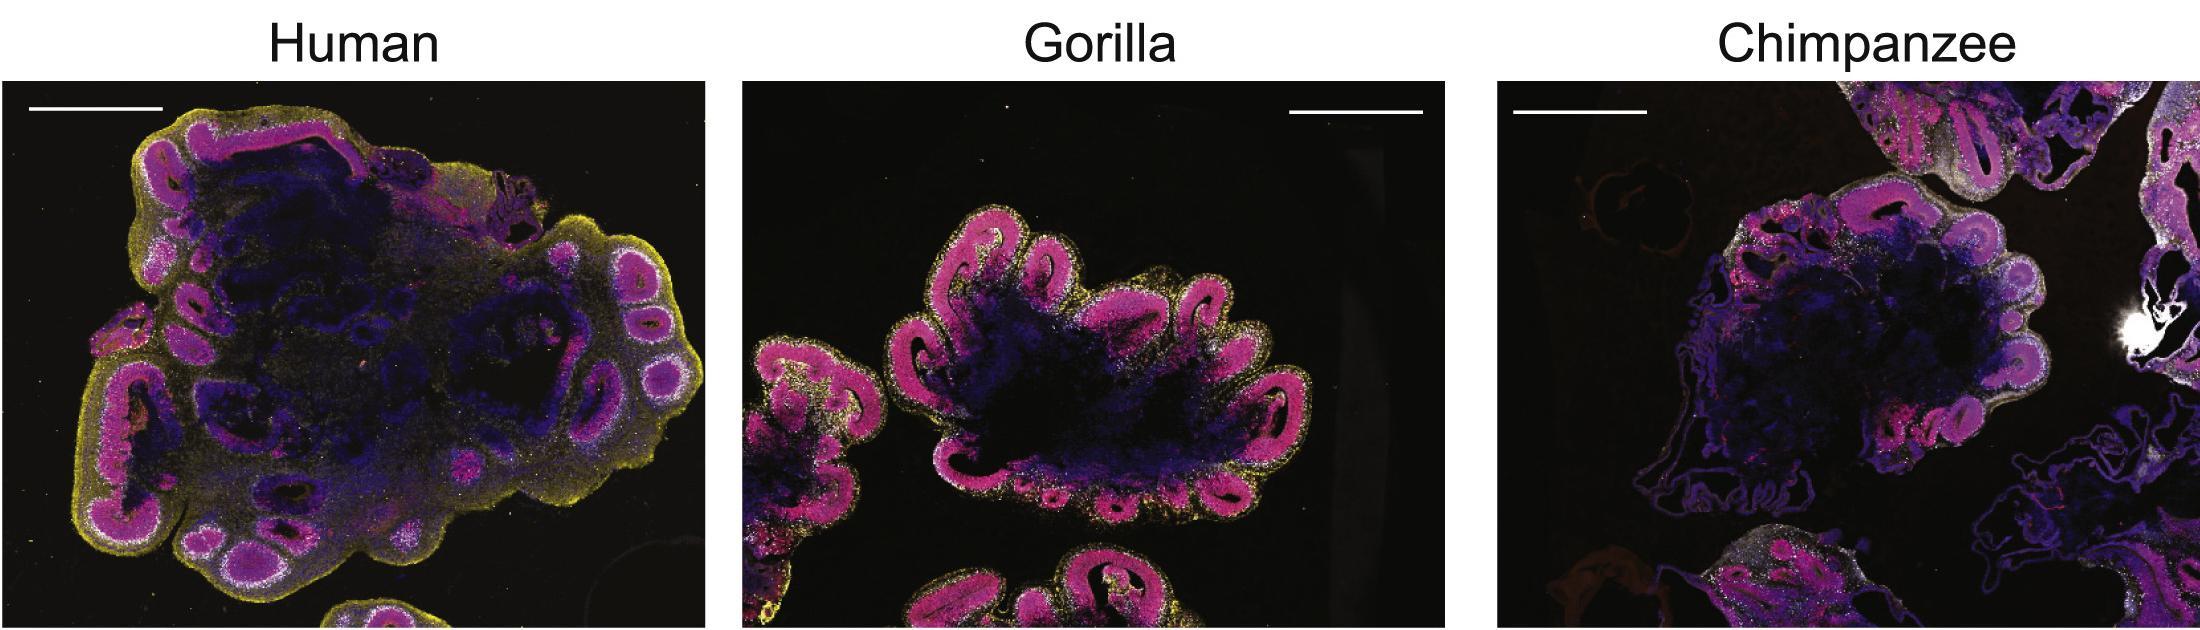 Модель показала, почему мозг человека больше, чем у обезьян